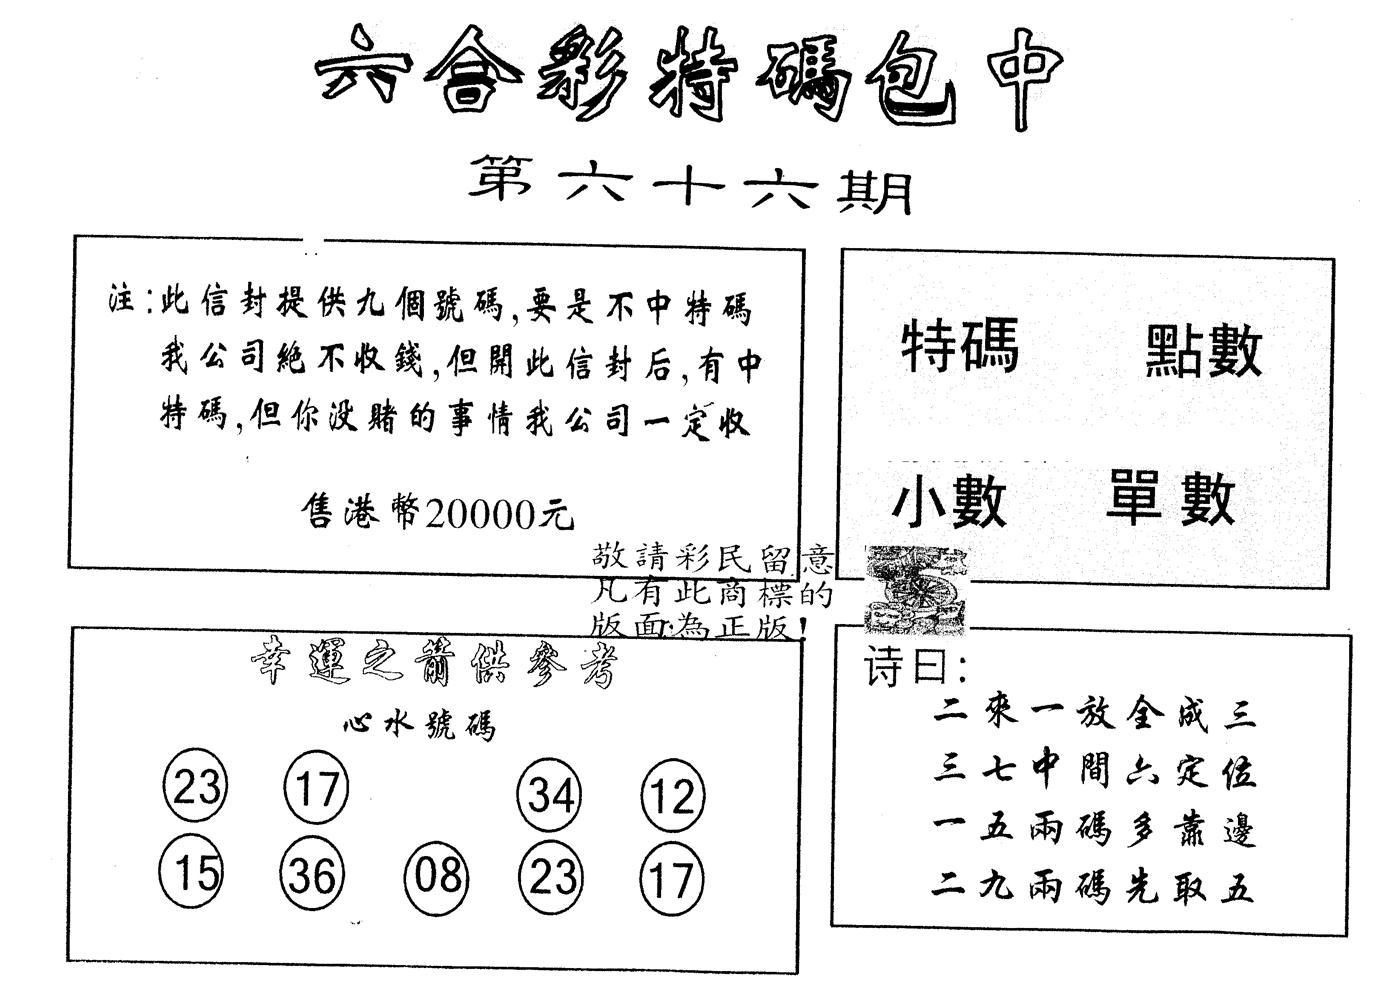 066期另版2000包中特(黑白)